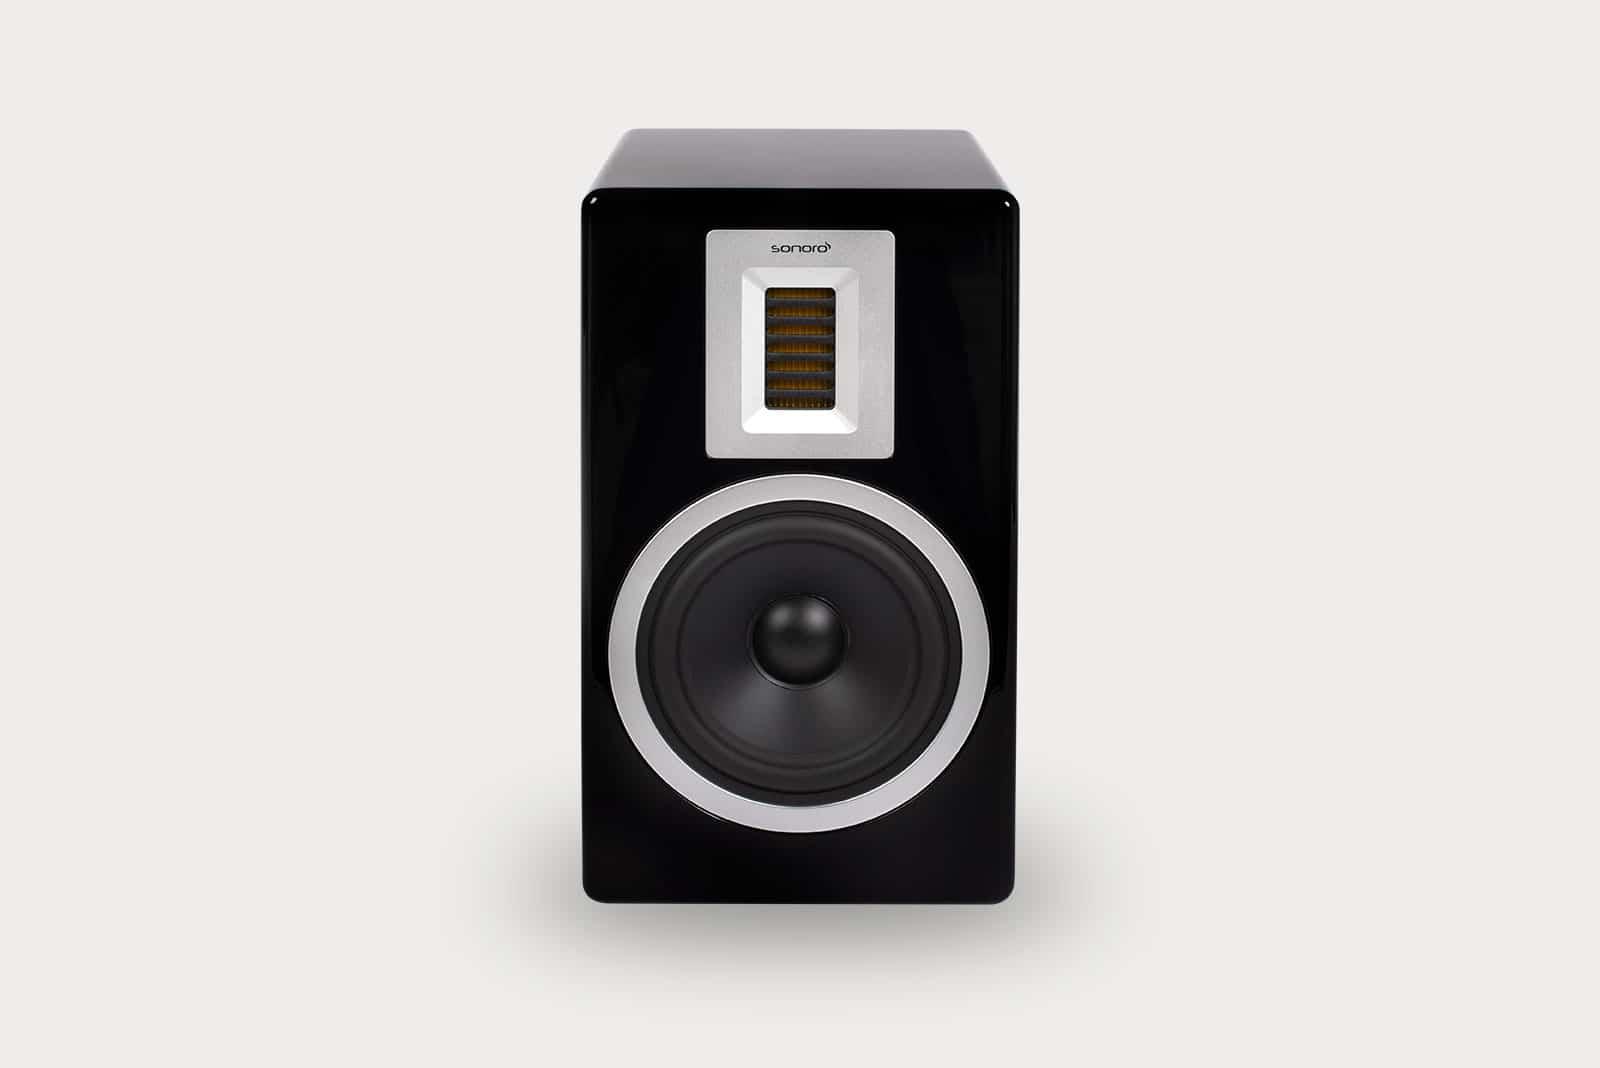 Ähnliches Produkt zu PLATINUM – sonoro Audiosysteme